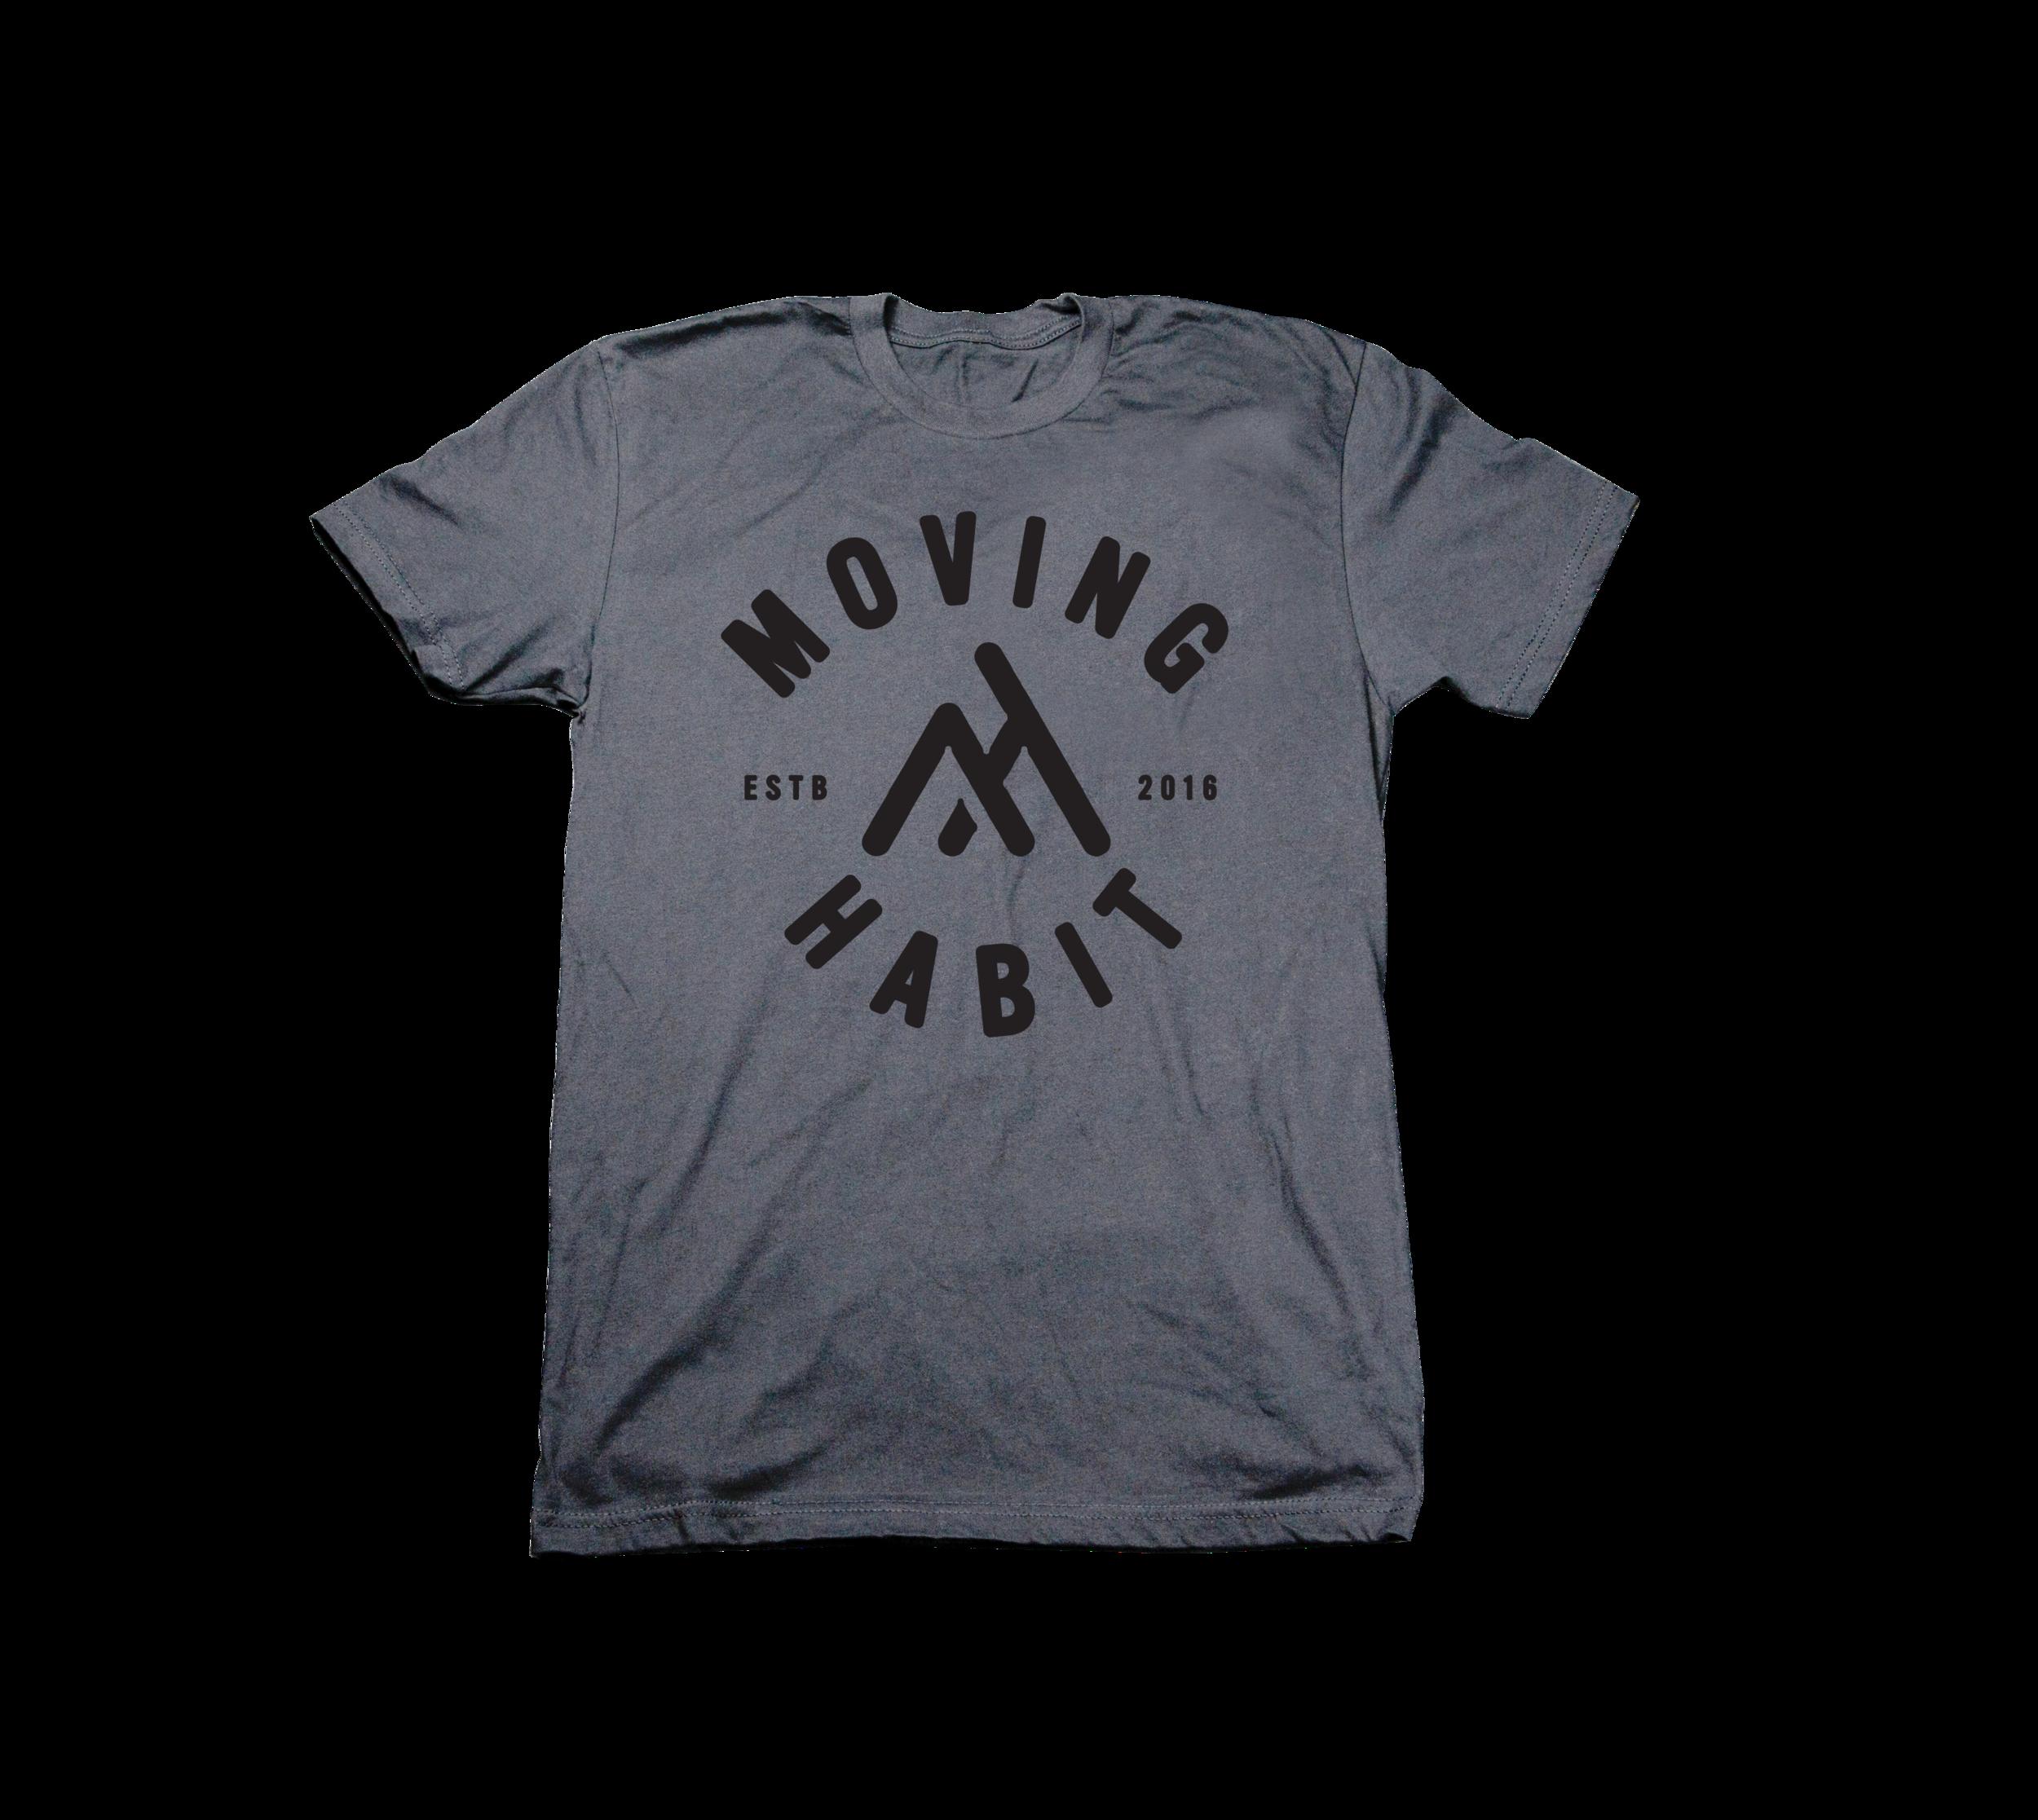 MovingHabit_1.png